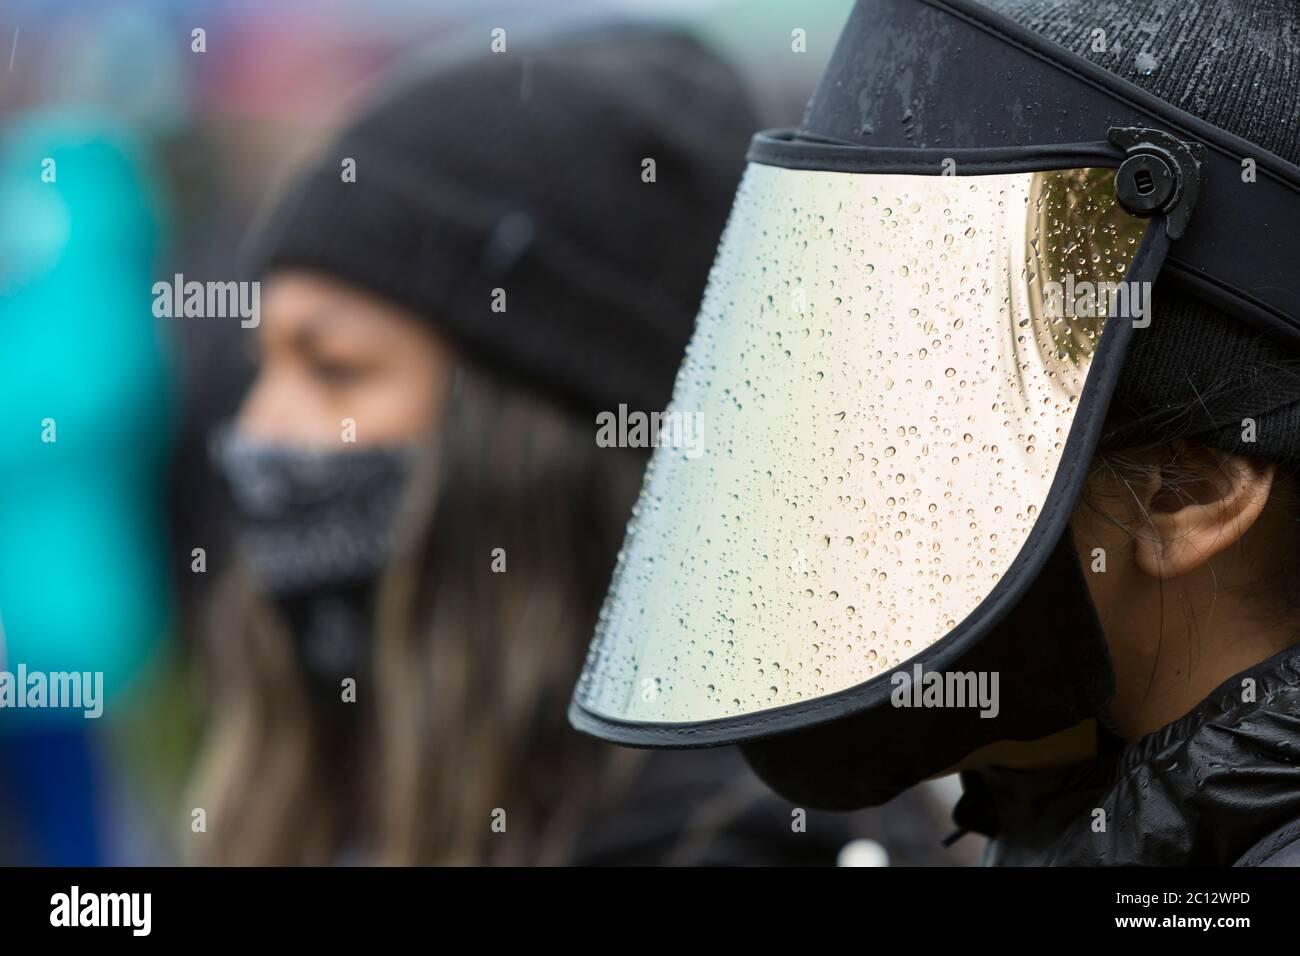 Un supporter dans un masque a bravé de fortes pluies pour assister à la Marche silencieuse et à la grève générale de l'État au parc Judkins dans le quartier central de Seattle le vendredi 12 juin 2020. Black Lives Matter Seattle-King County a organisé la journée d'action et la marche silencieuse à l'échelle de l'État pour honorer des vies perdues en soutien à toutes les vies noires dans l'État de Washington. Banque D'Images